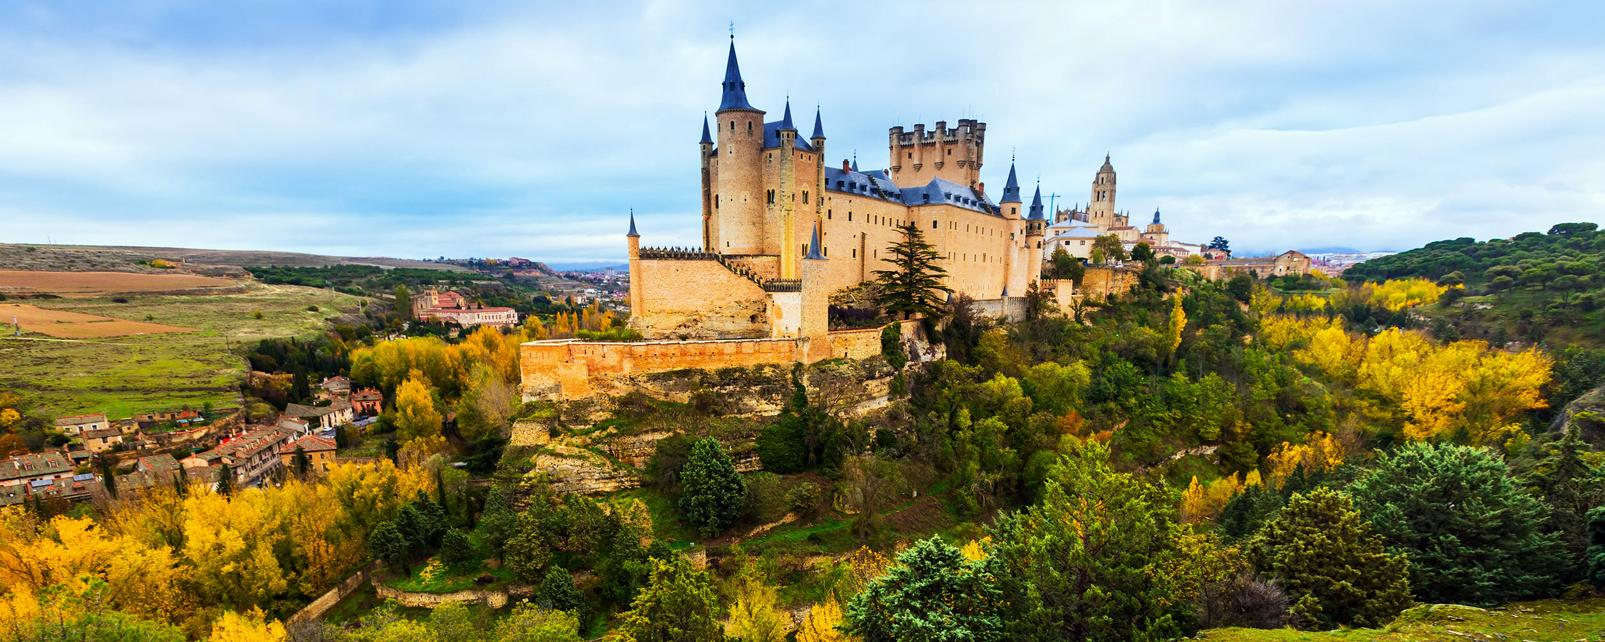 Lugares para visitar en castilla y le n qu ver qu hacer for Lugares turisticos para visitar en espana